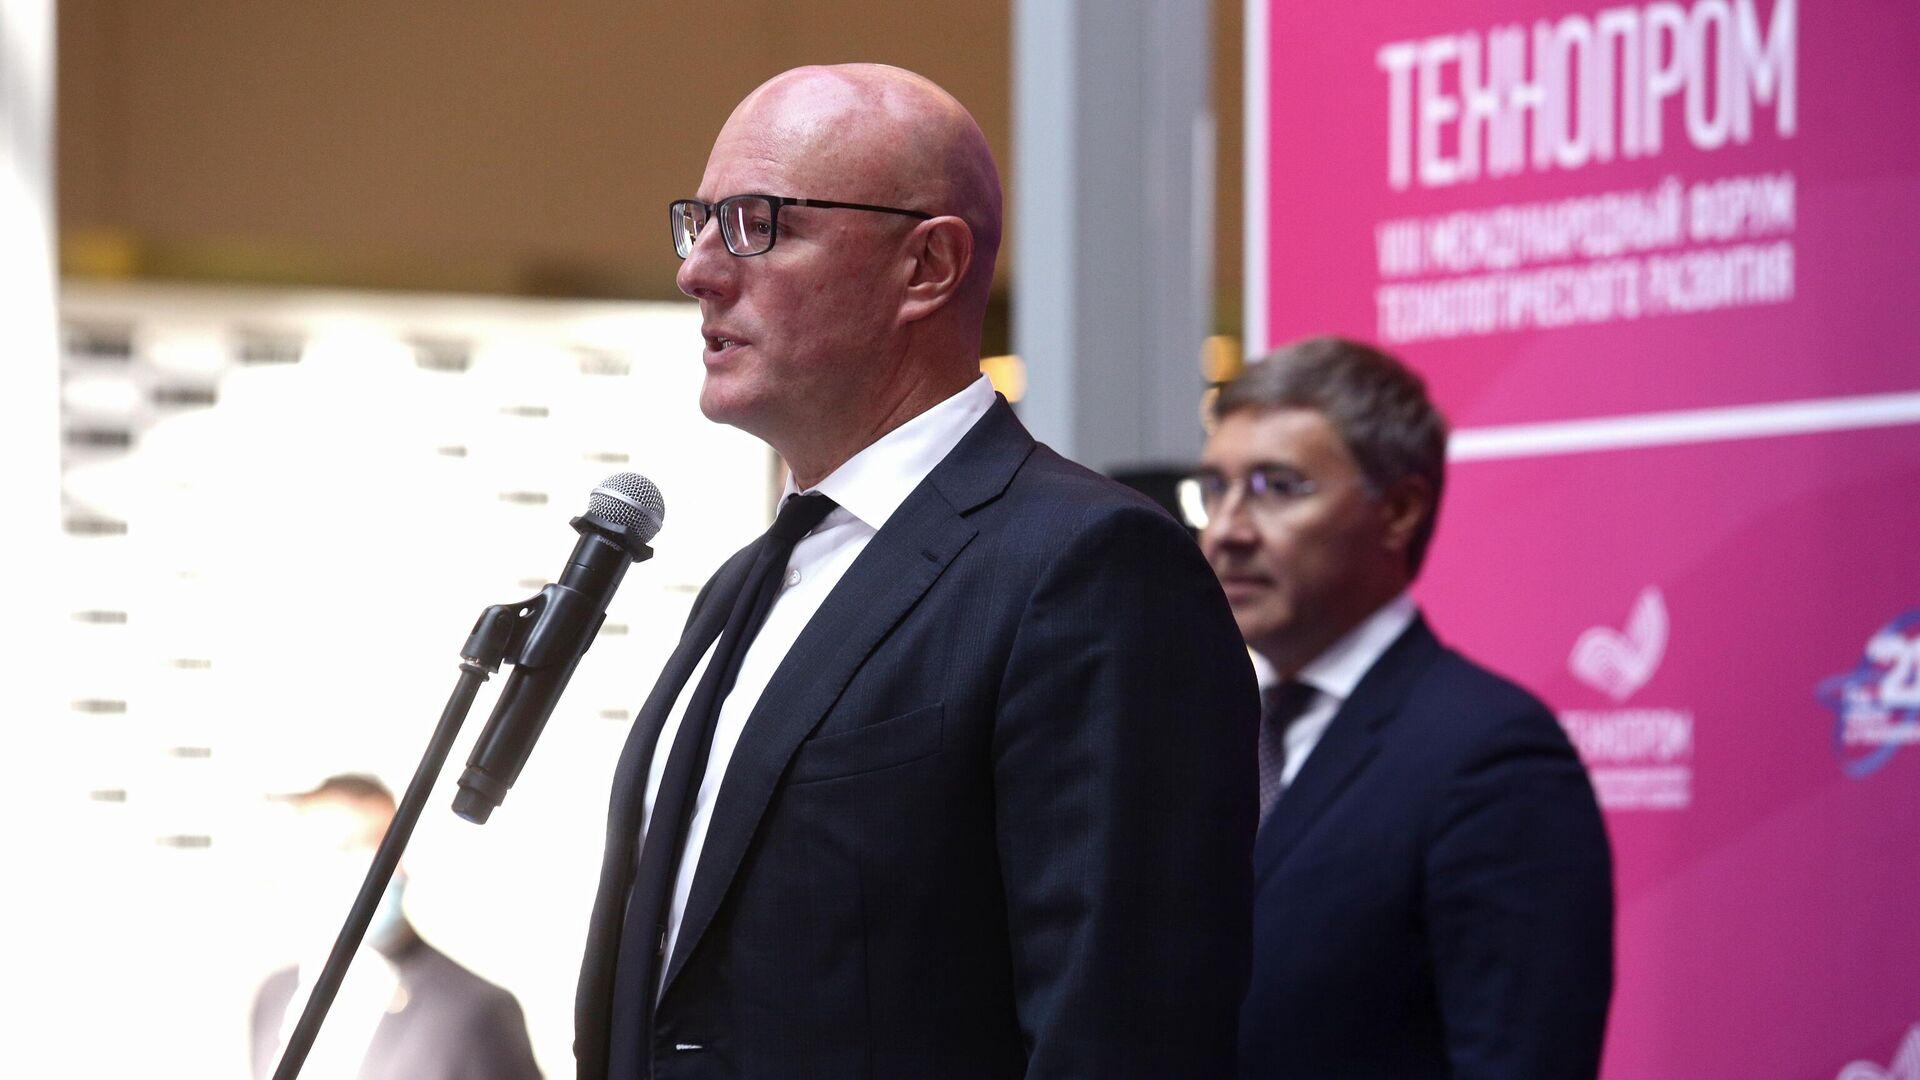 На программу научно-технологического развития выделят 1,5 триллиона рублей